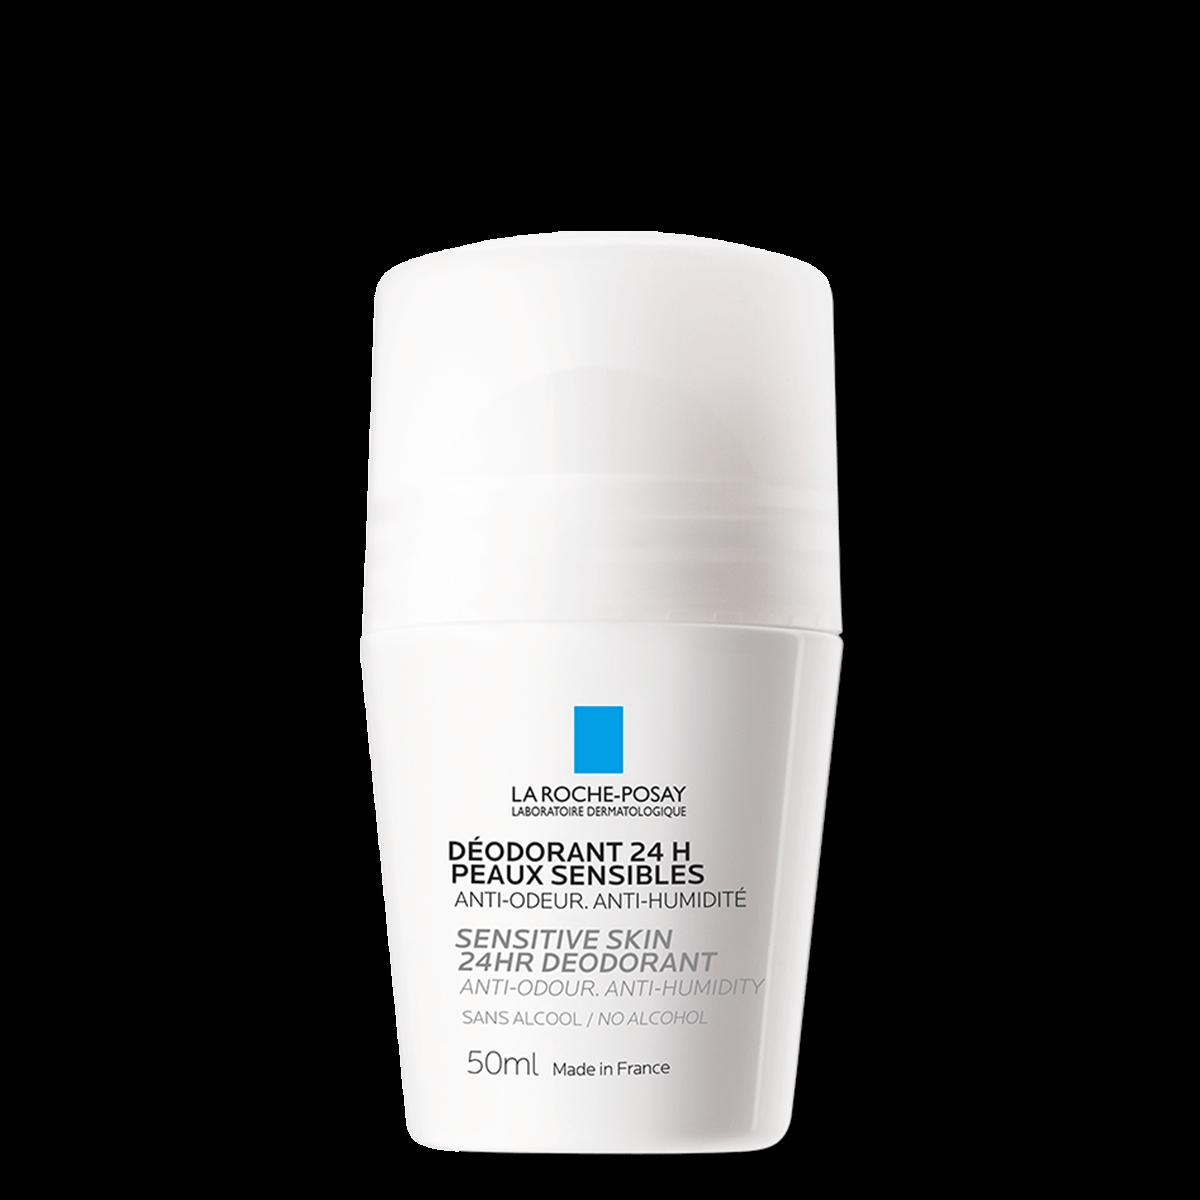 La Roche Posay Deodorant Fysiologisk Roll-On 24 timer 50 ml 3337872412158